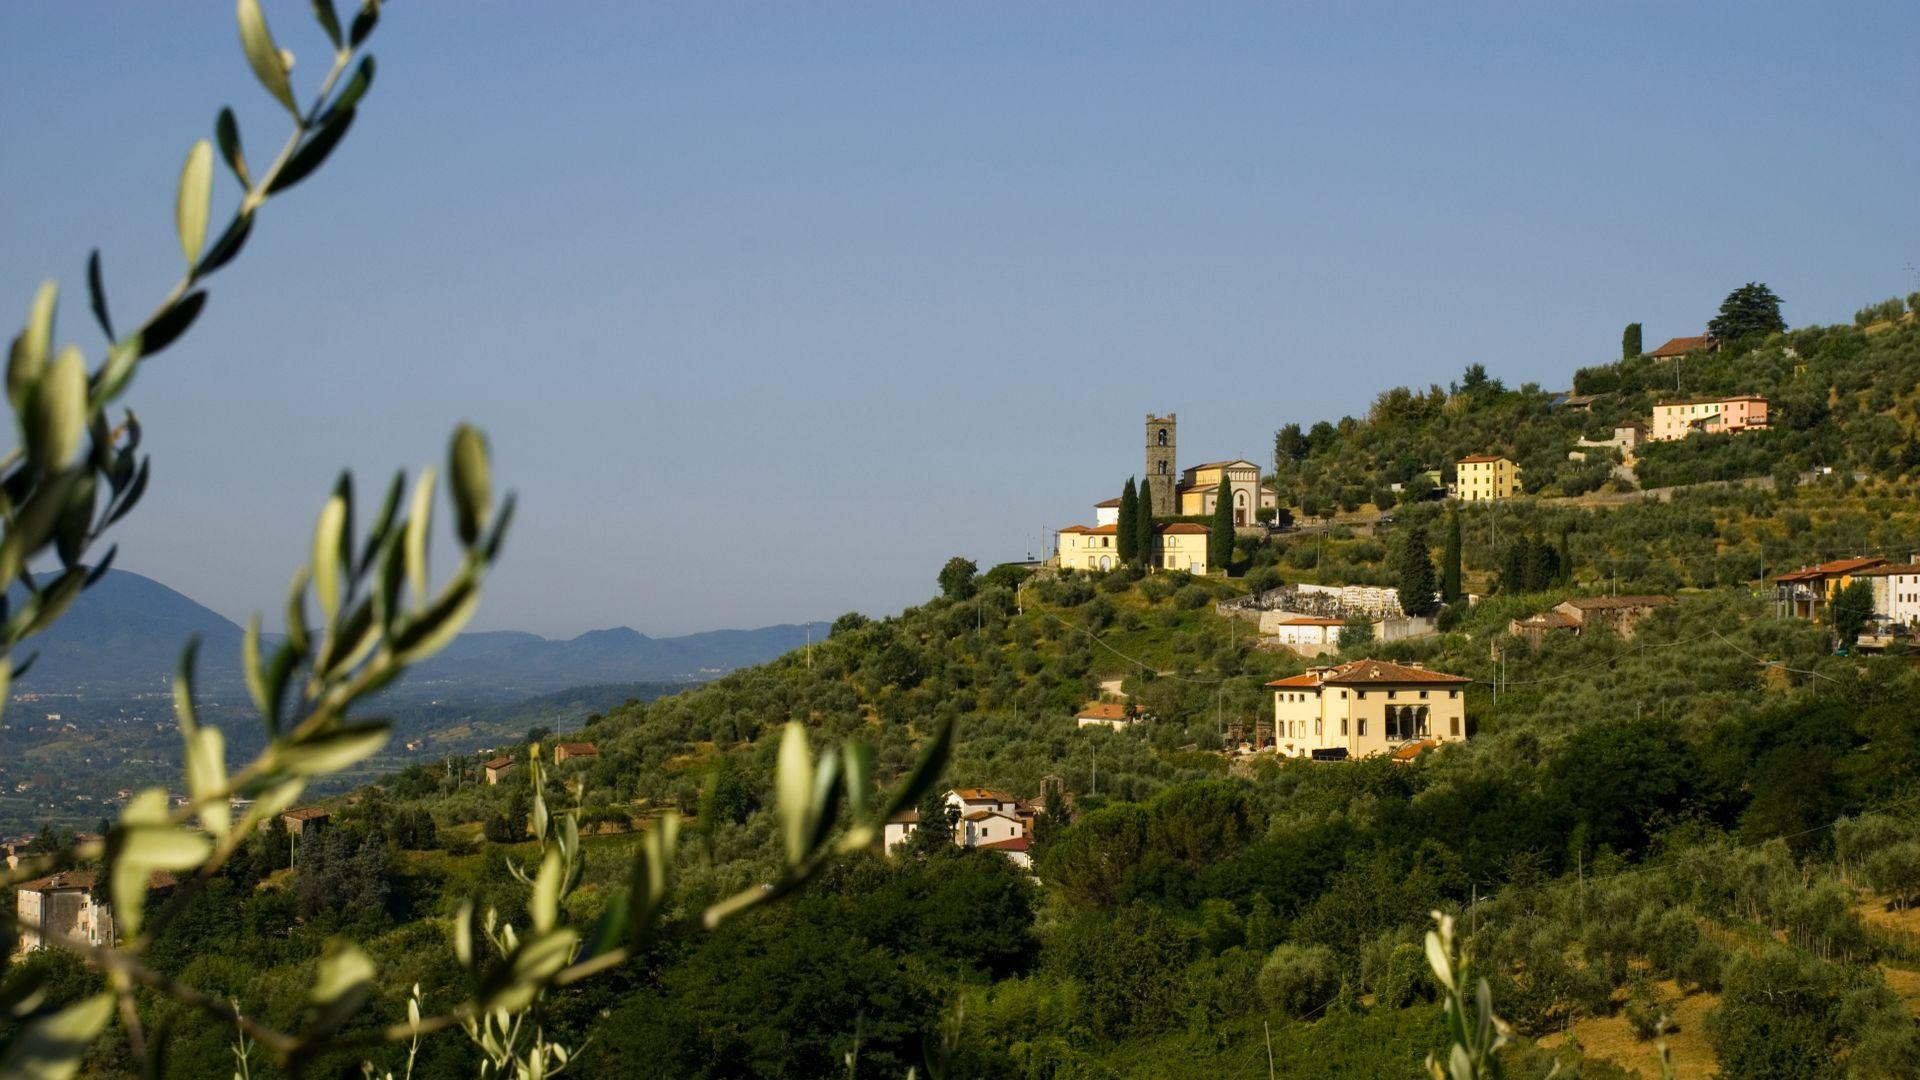 colline lucchesi nei pressi del paese di Tofori